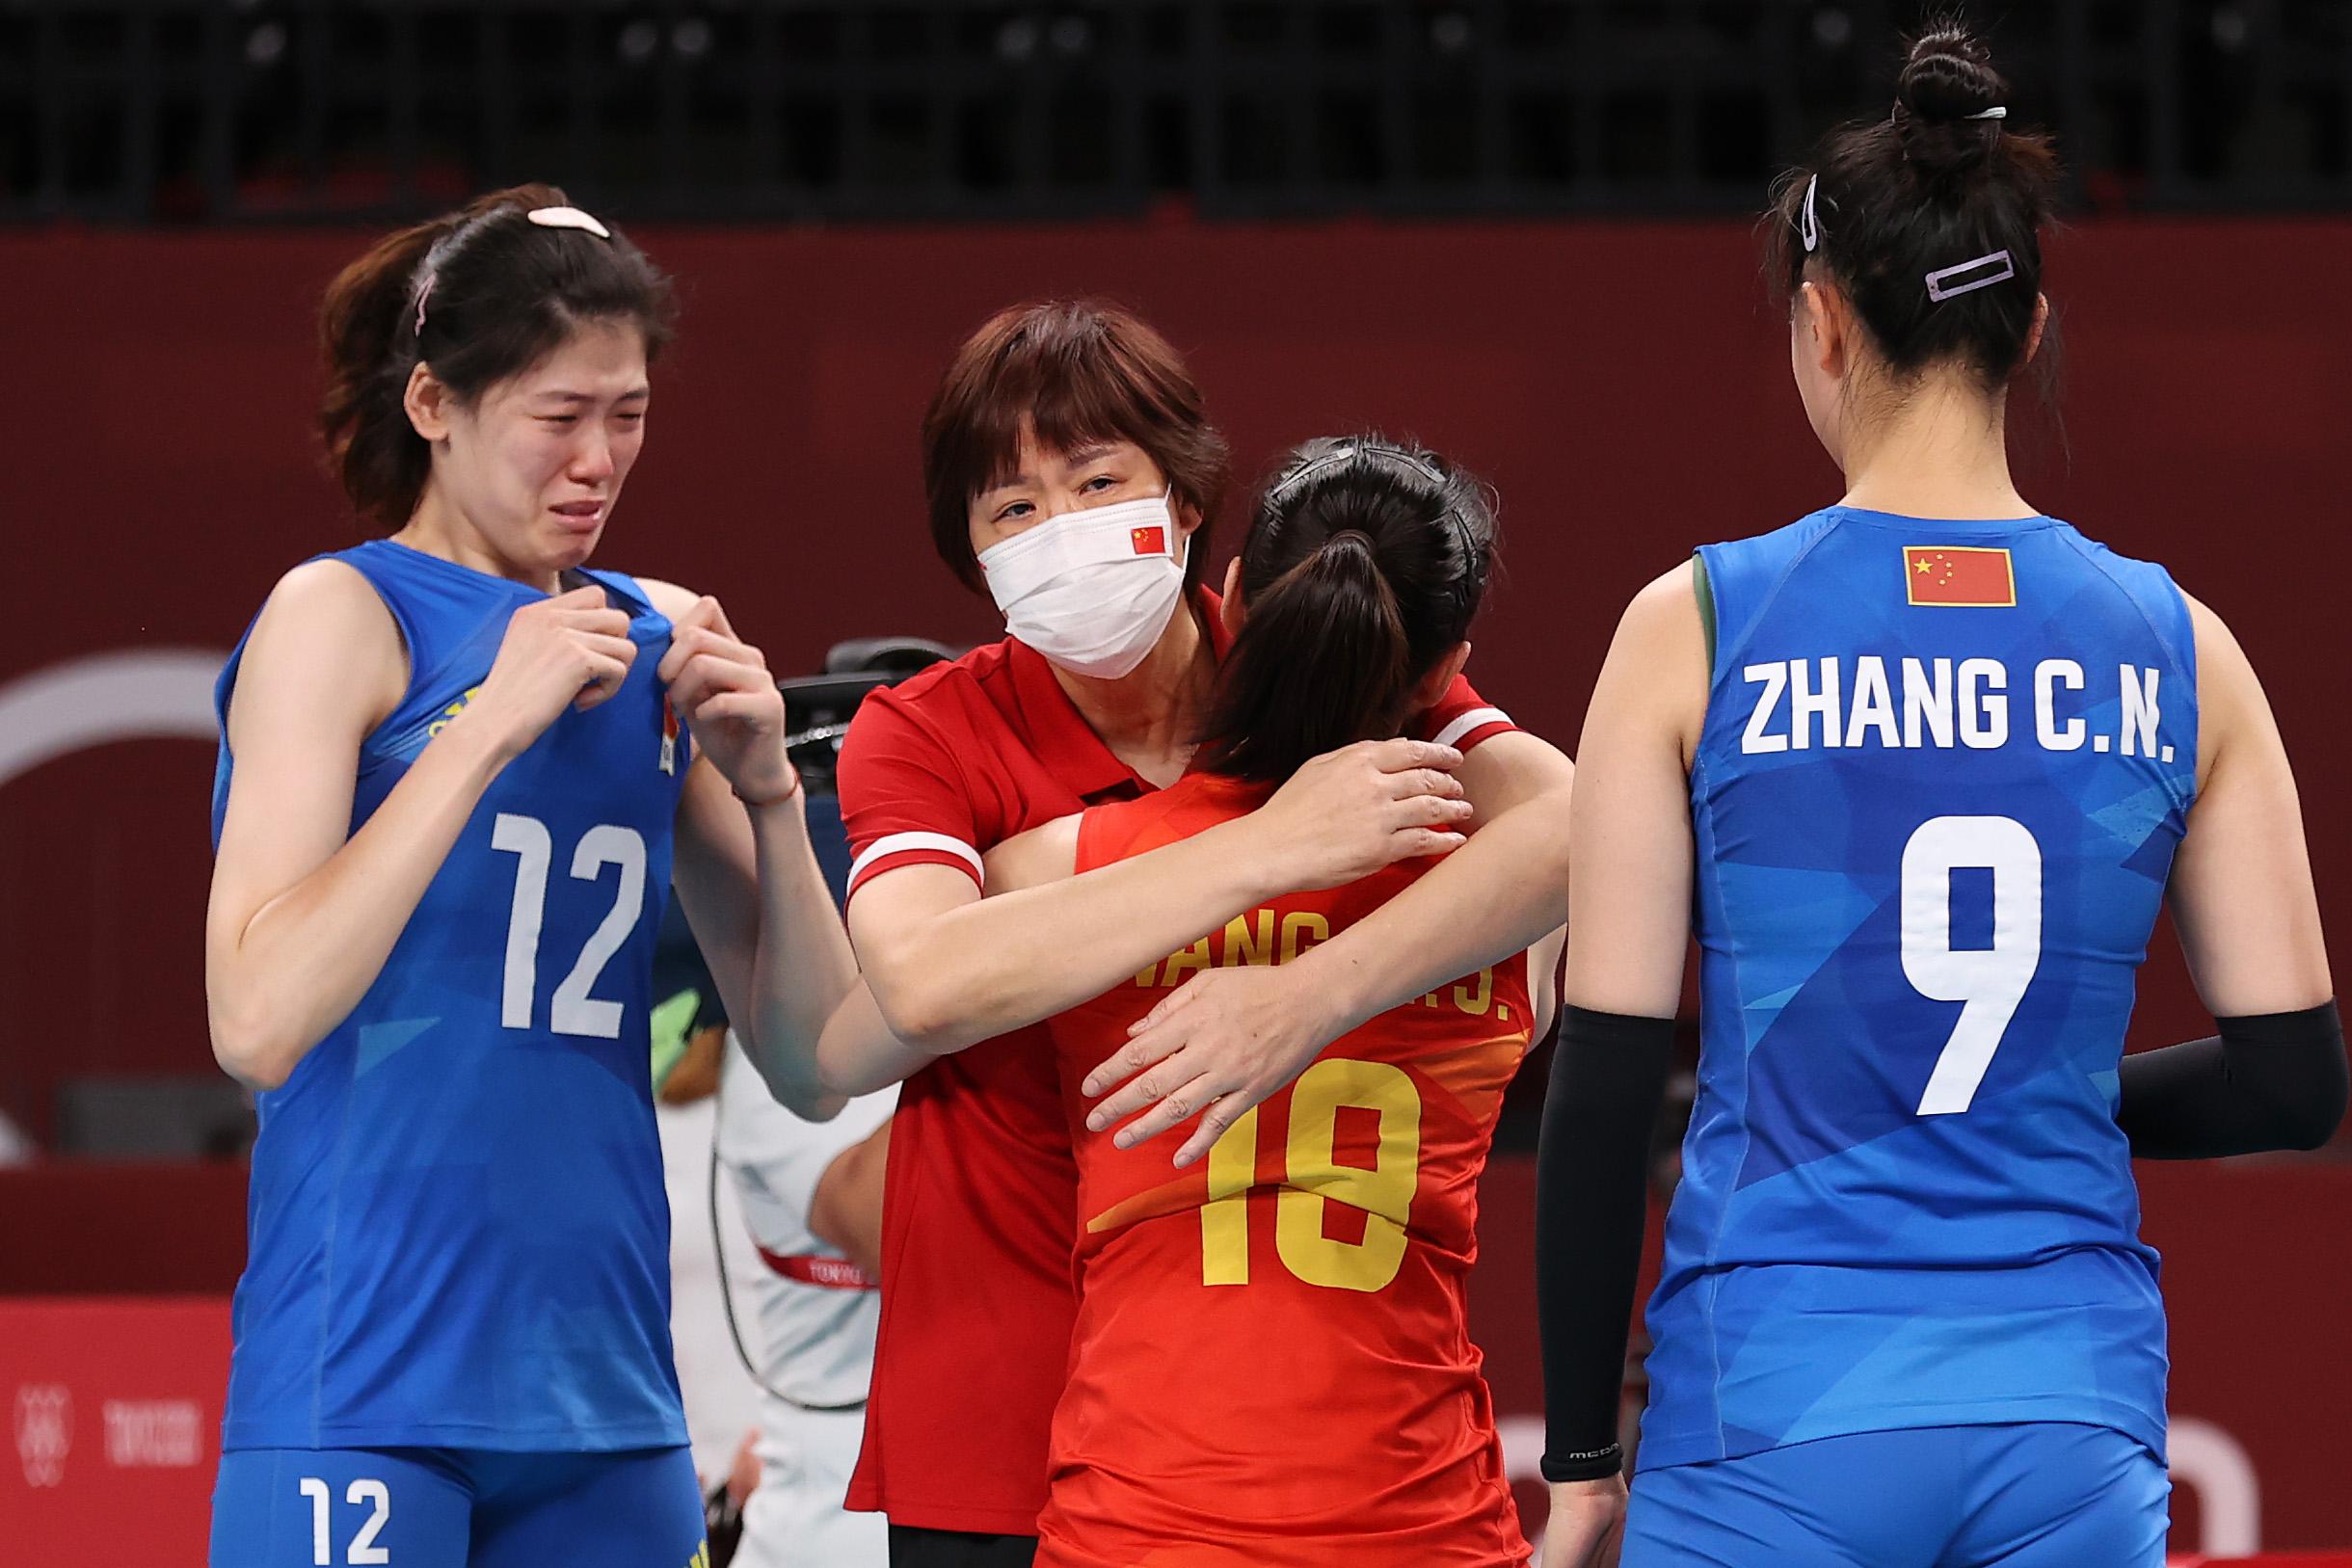 郎平拥抱王梦洁,身旁的李盈莹已经哭崩。